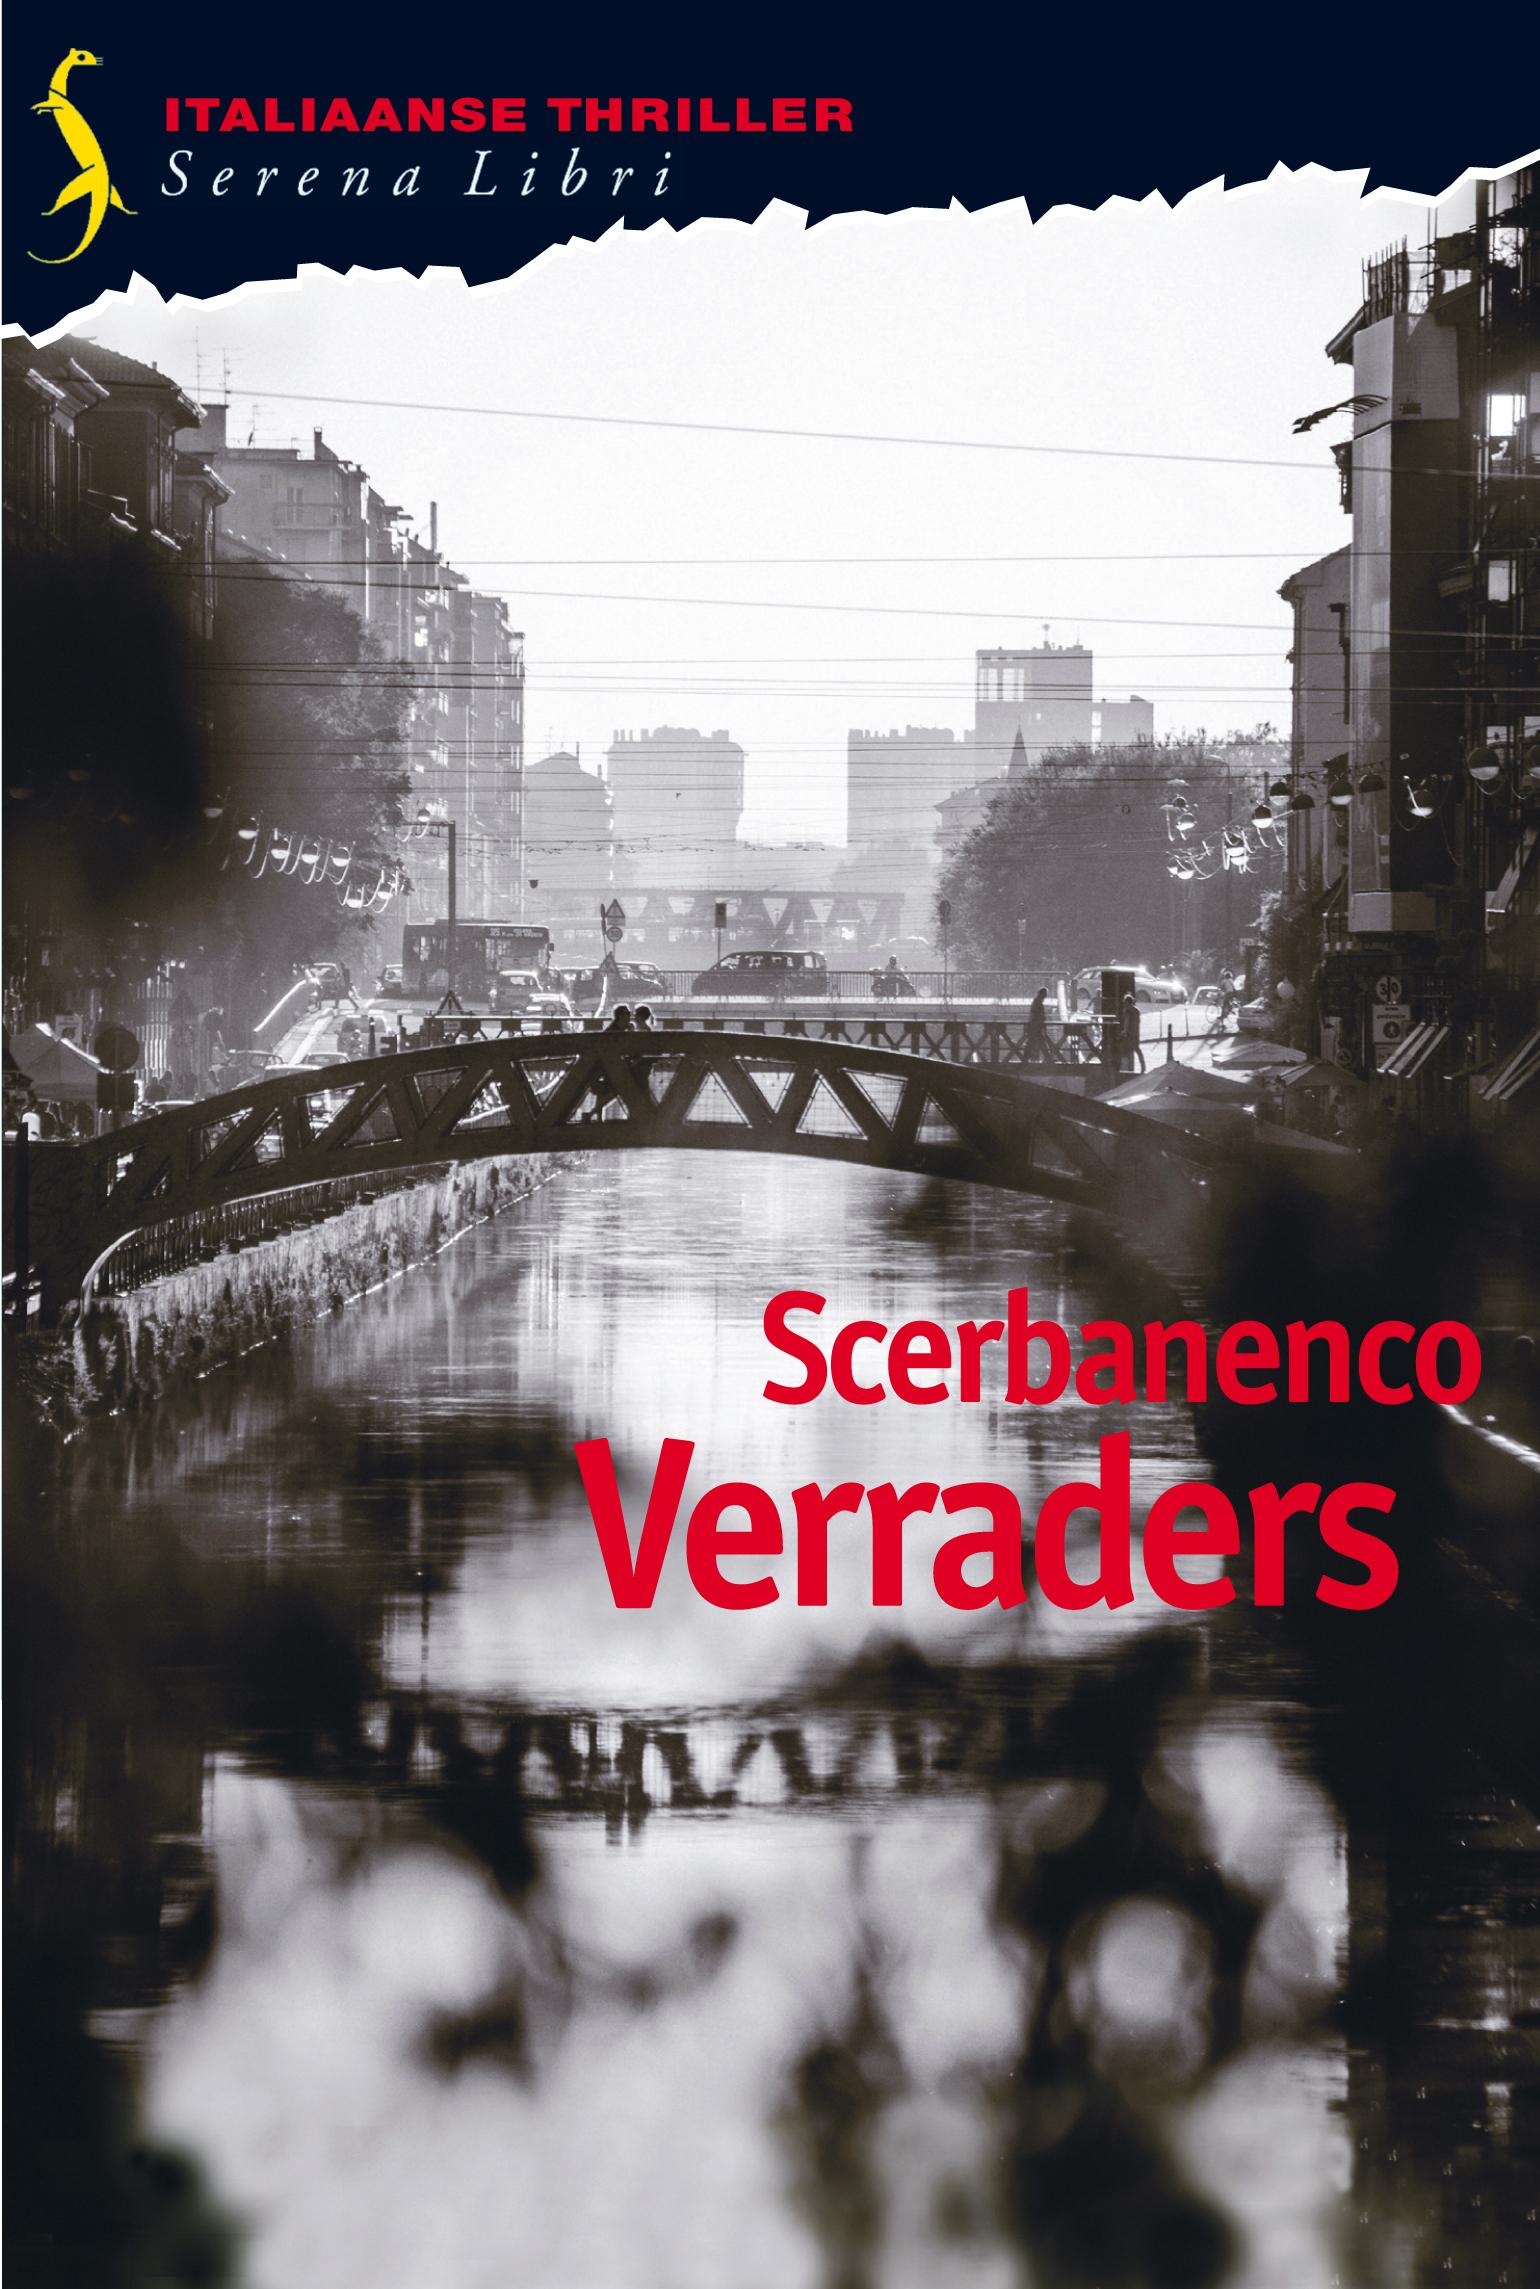 Verraders – Giorgio Scerbanenco